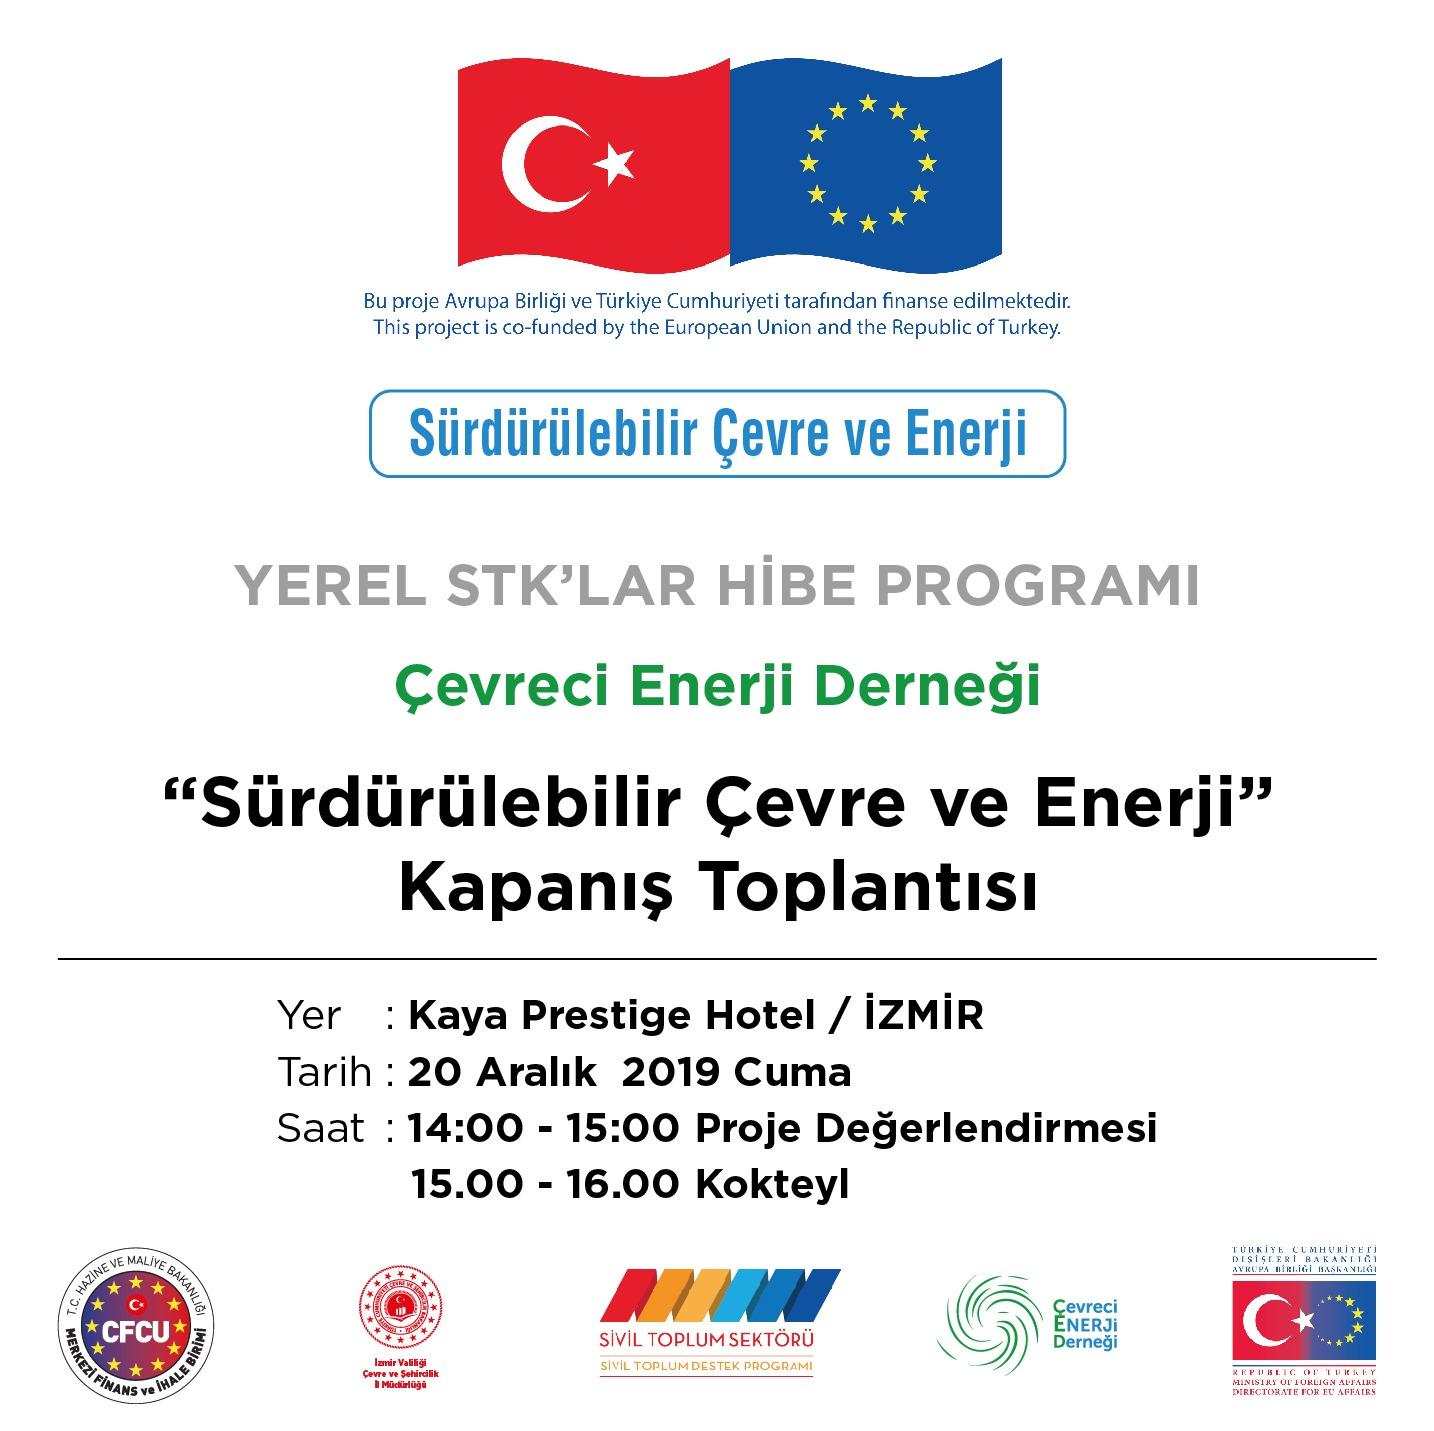 ''Sürdürülebilir Çevre ve Enerji'' Projesi Kapanış Toplantısına Davetlisiniz